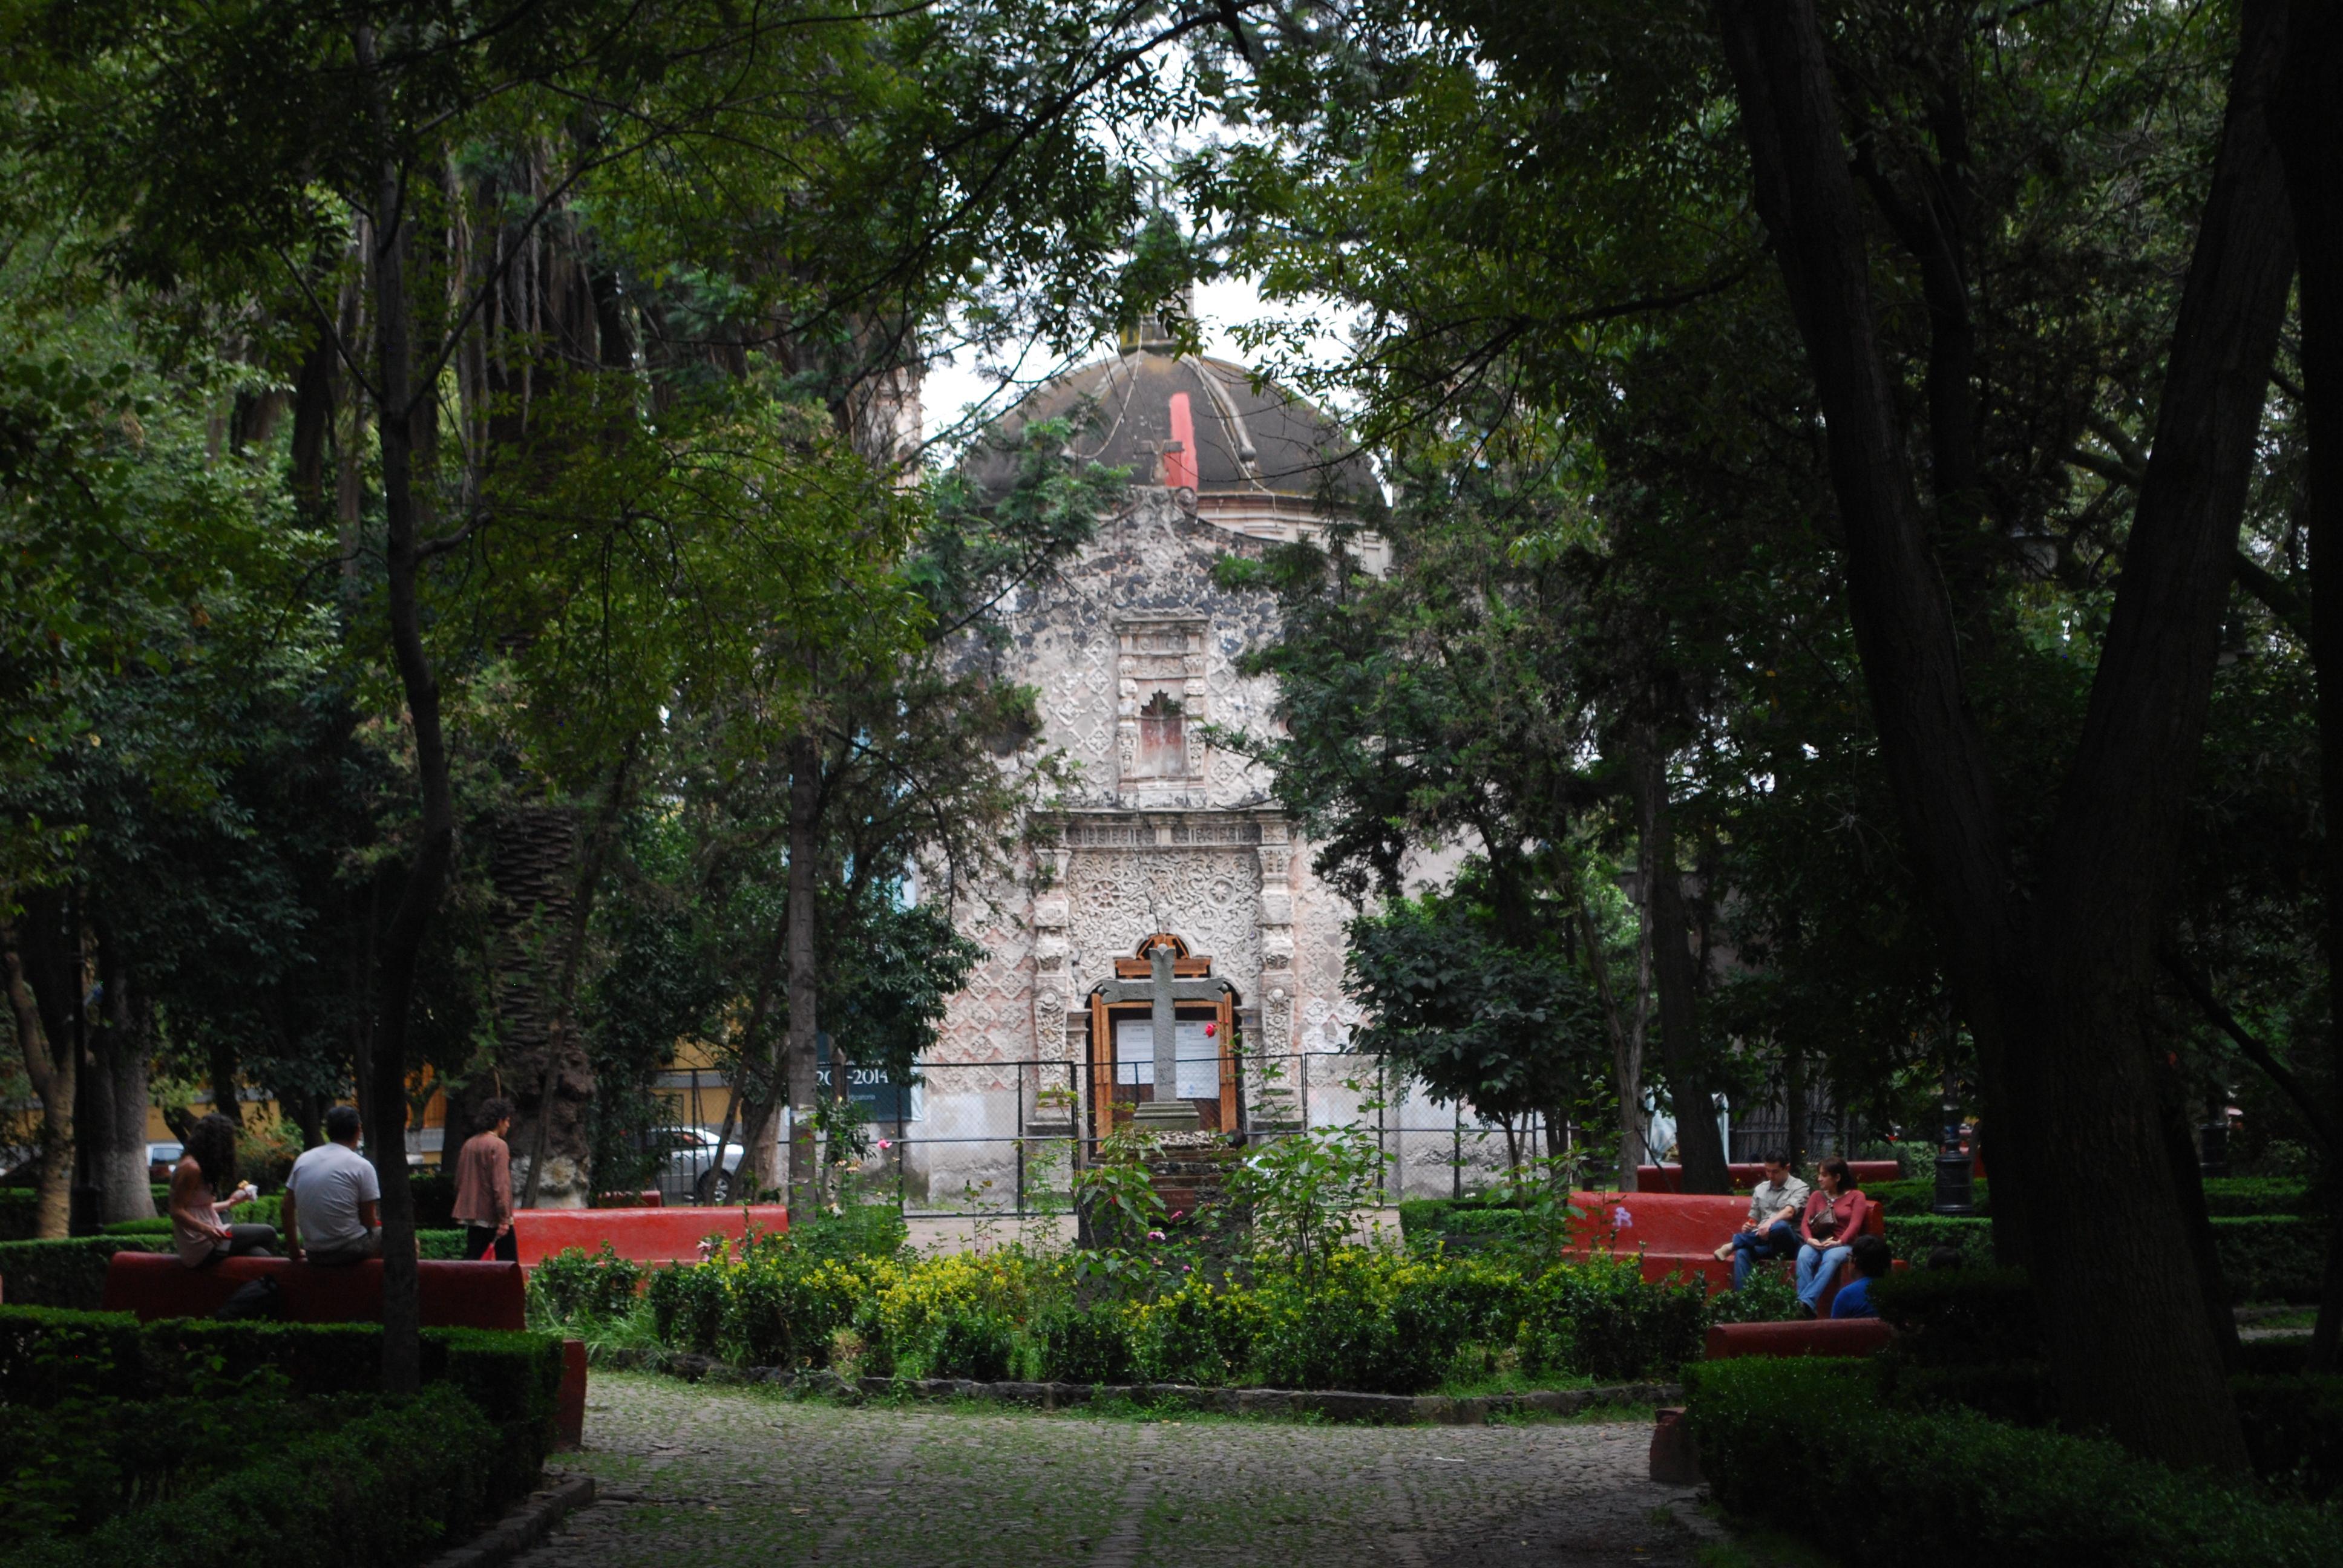 Plaza de la Conchita